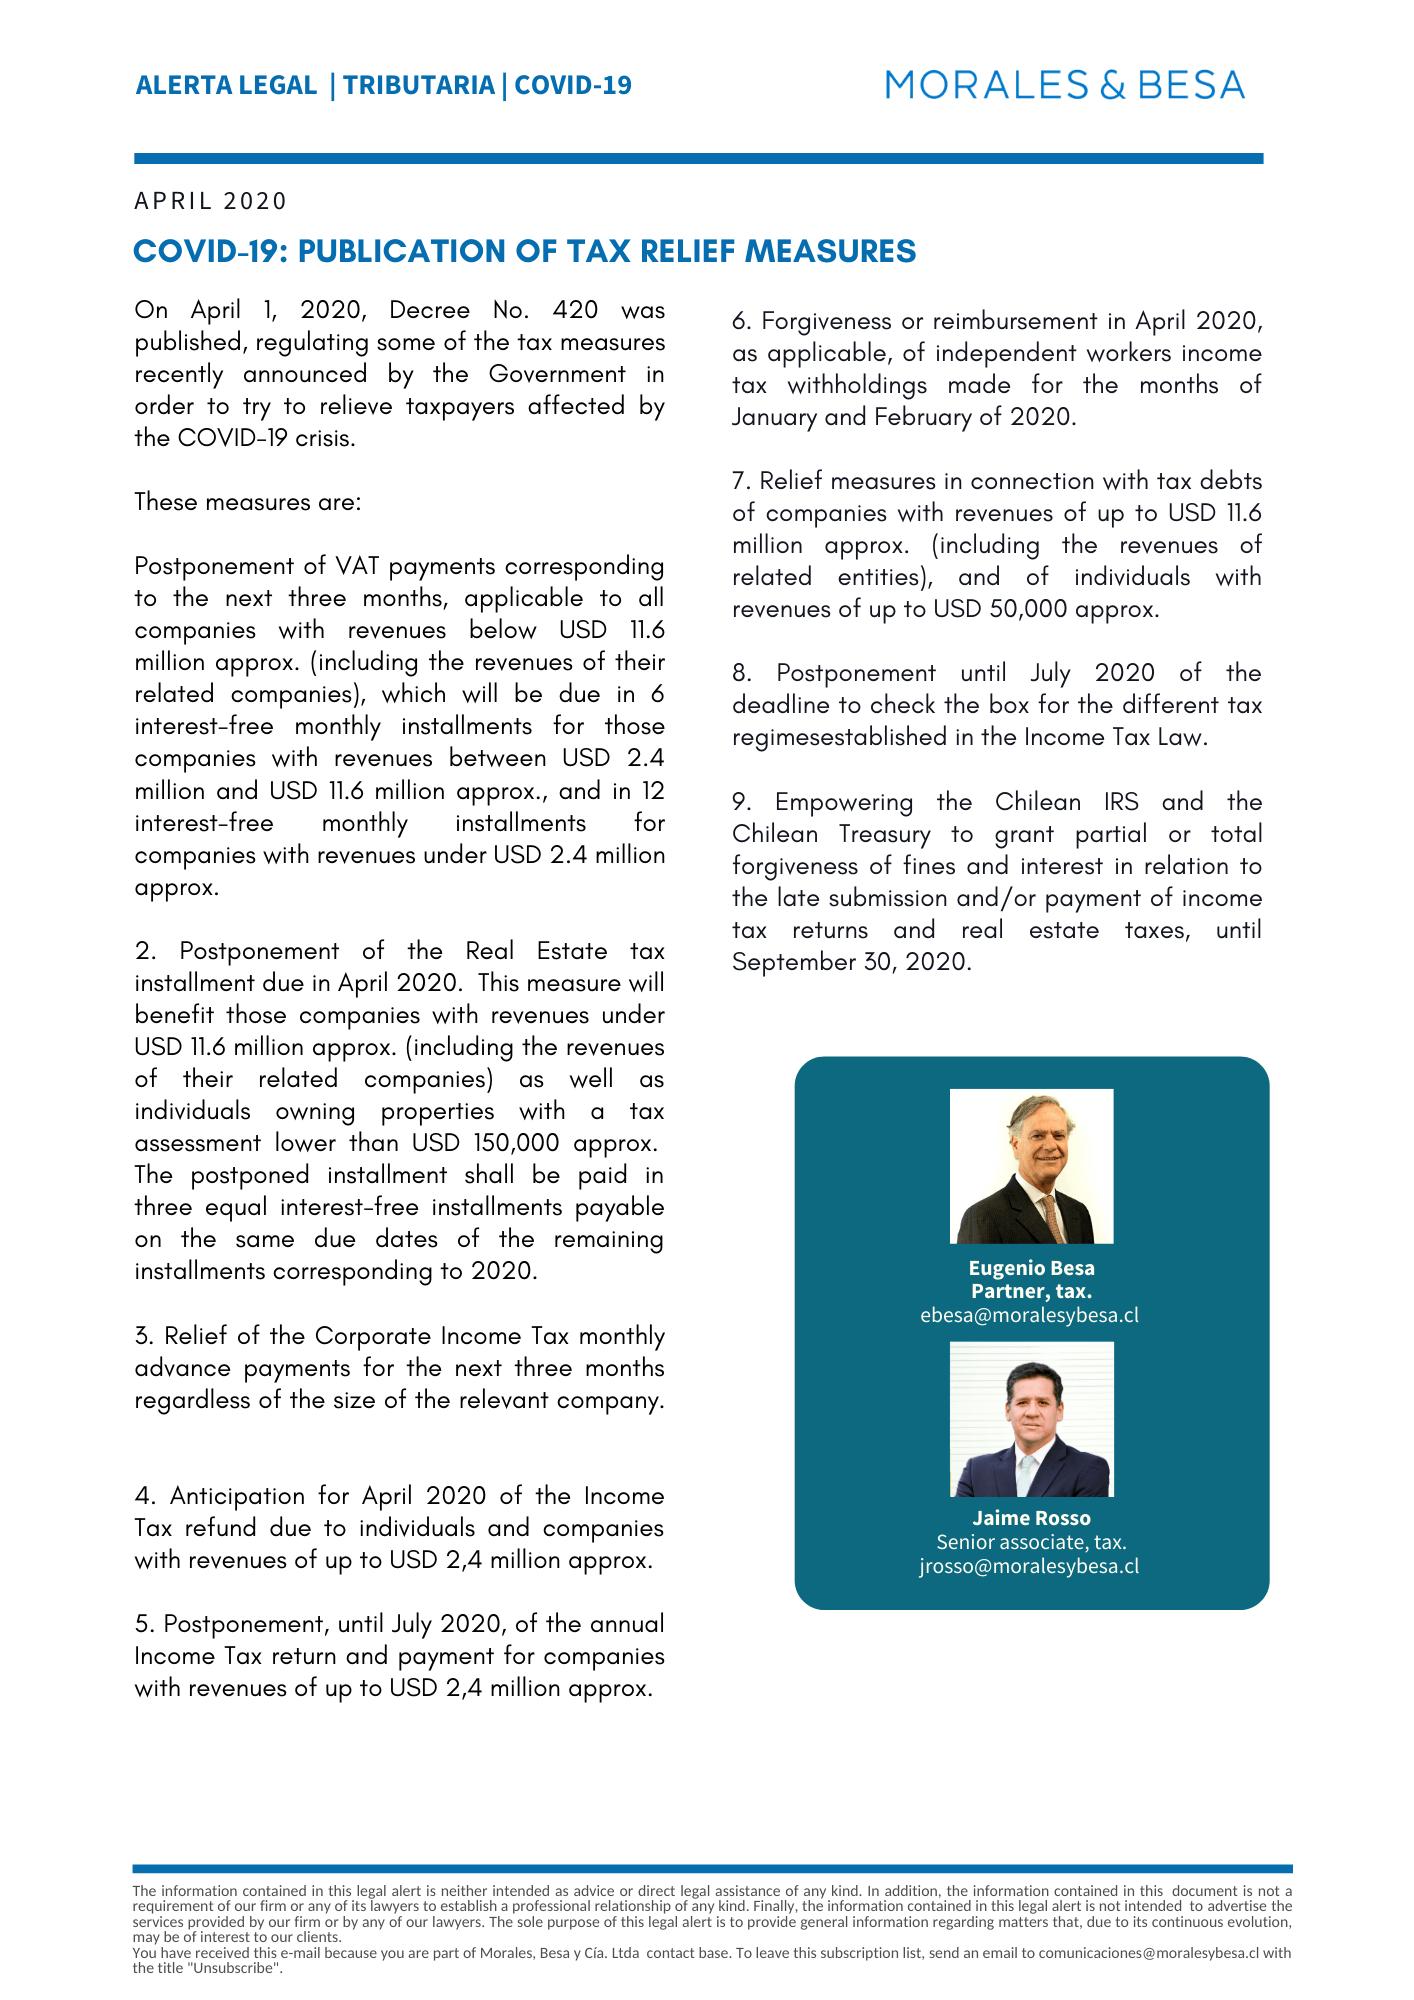 M&B Legal Alert - Tax - Covid19 - April2020